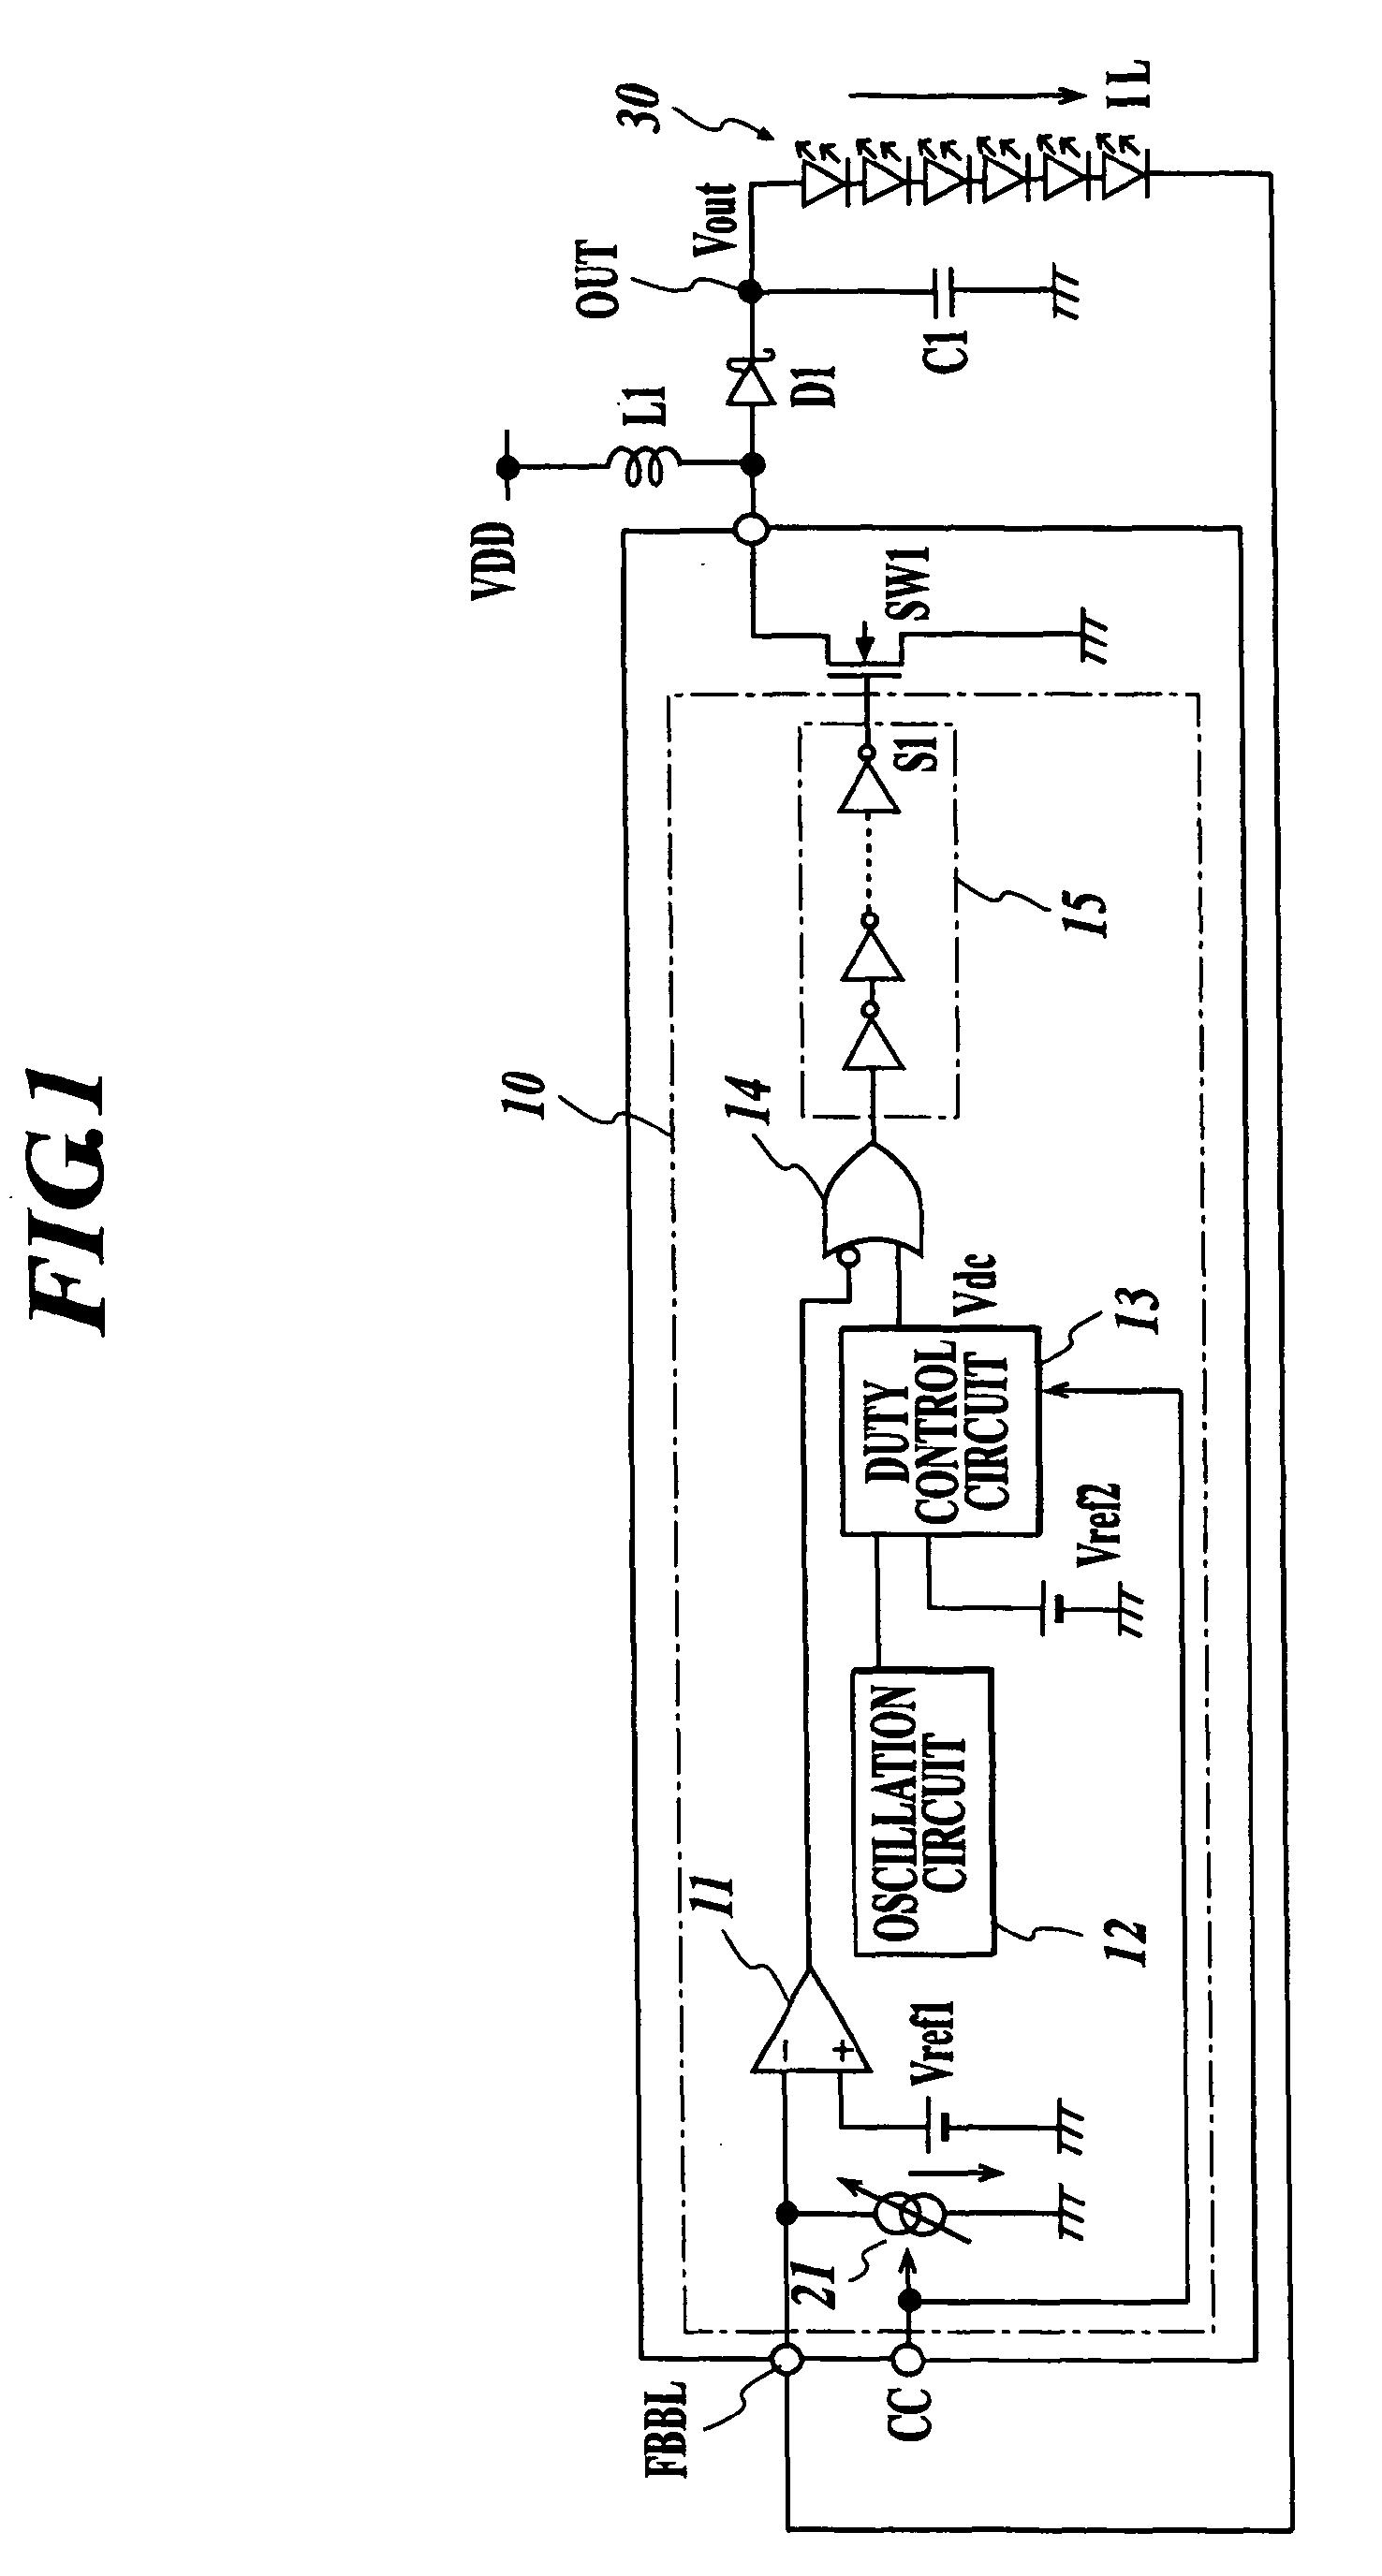 专利ep2079157a2 - direct-current